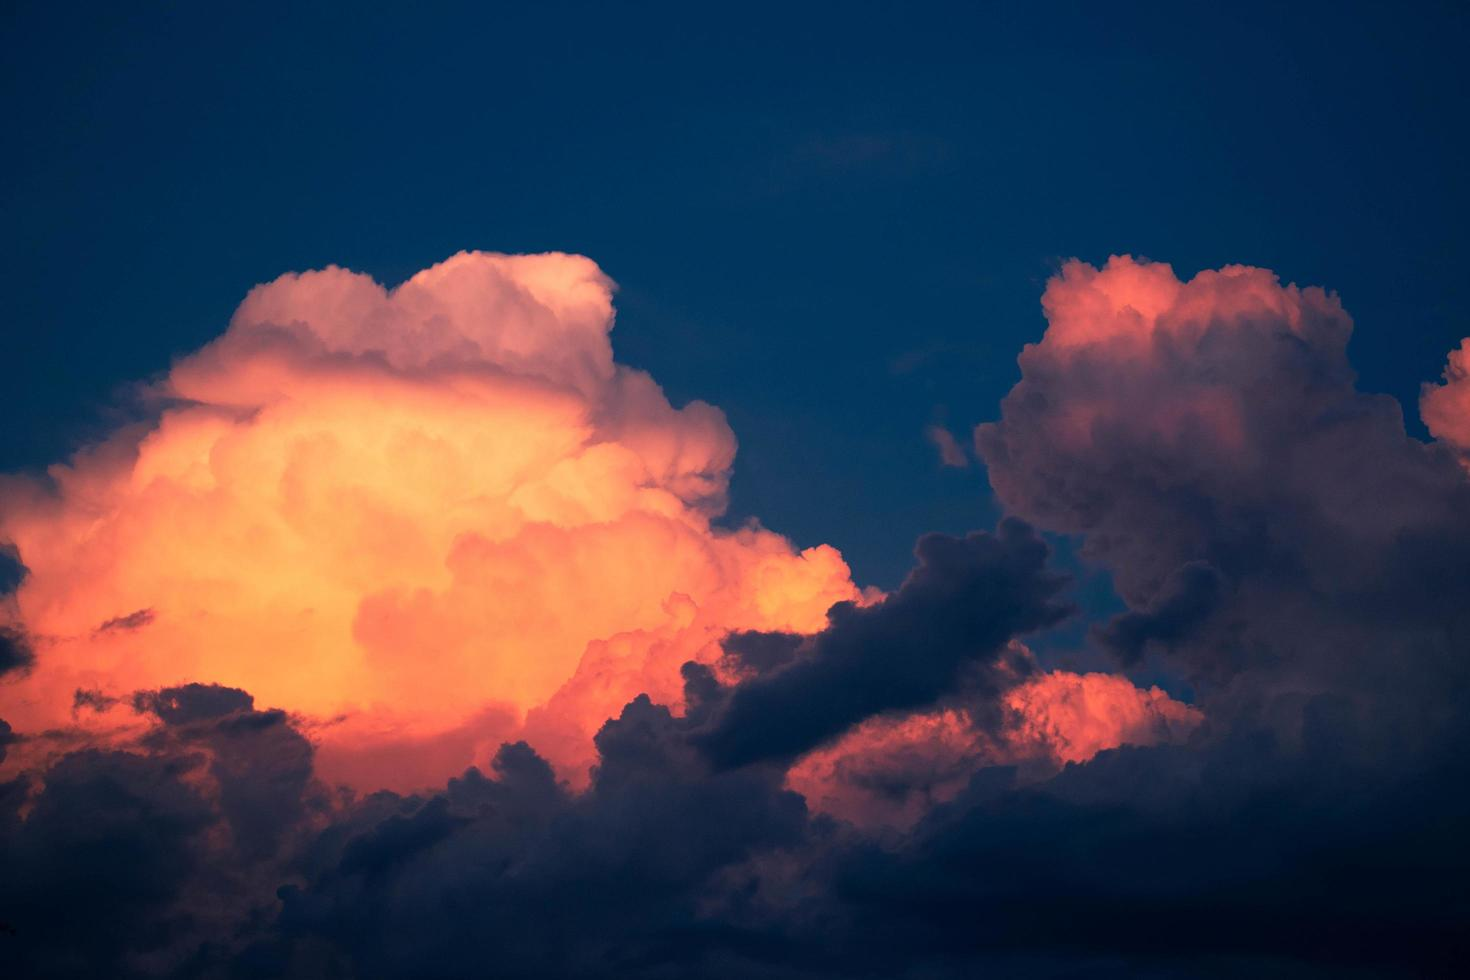 nuvole rosse in un cielo blu scuro foto